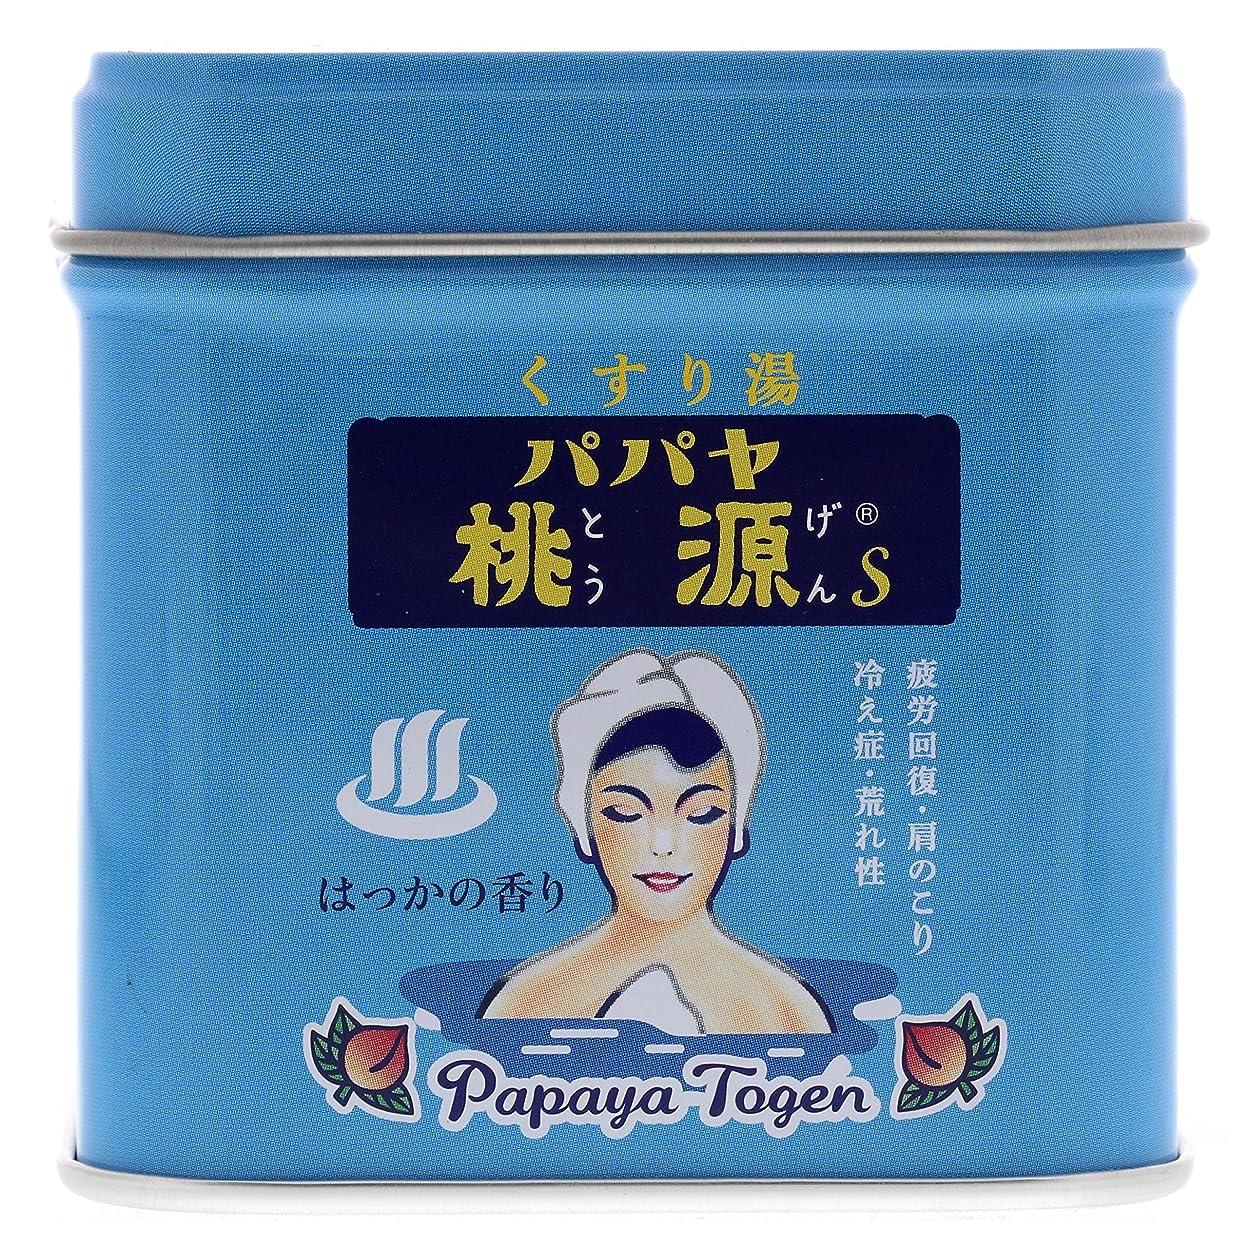 パパヤ桃源S70g缶 ハッカの香り [医薬部外品]